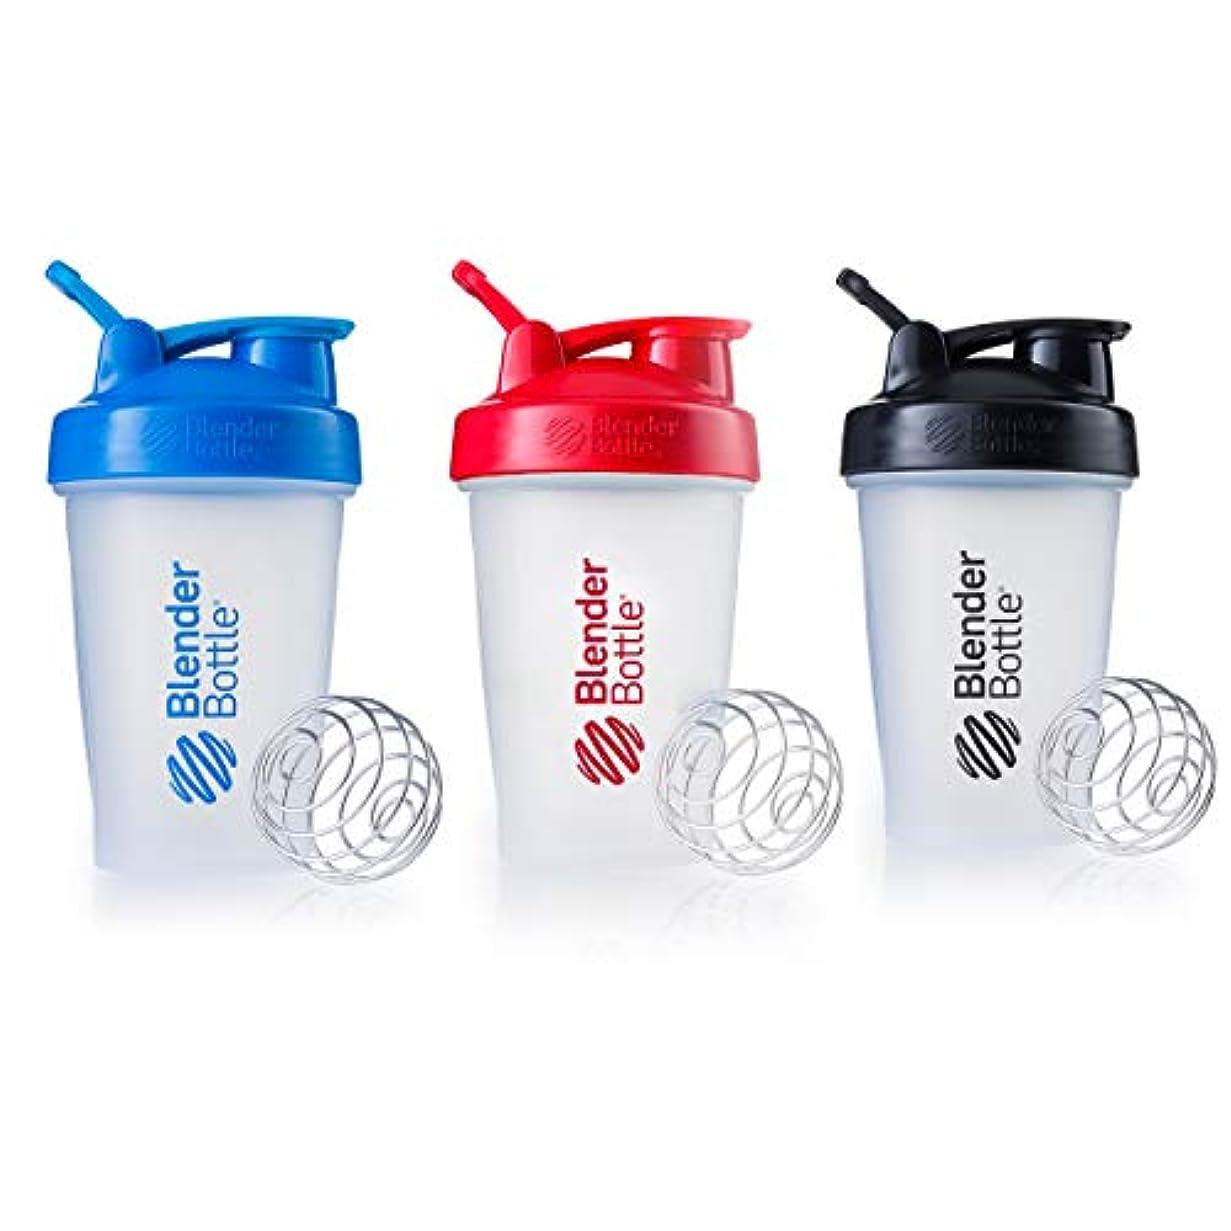 Blender Bottle with Shaker Ball 20 Oz, (Blue, Red, Black) by Blender Bottle